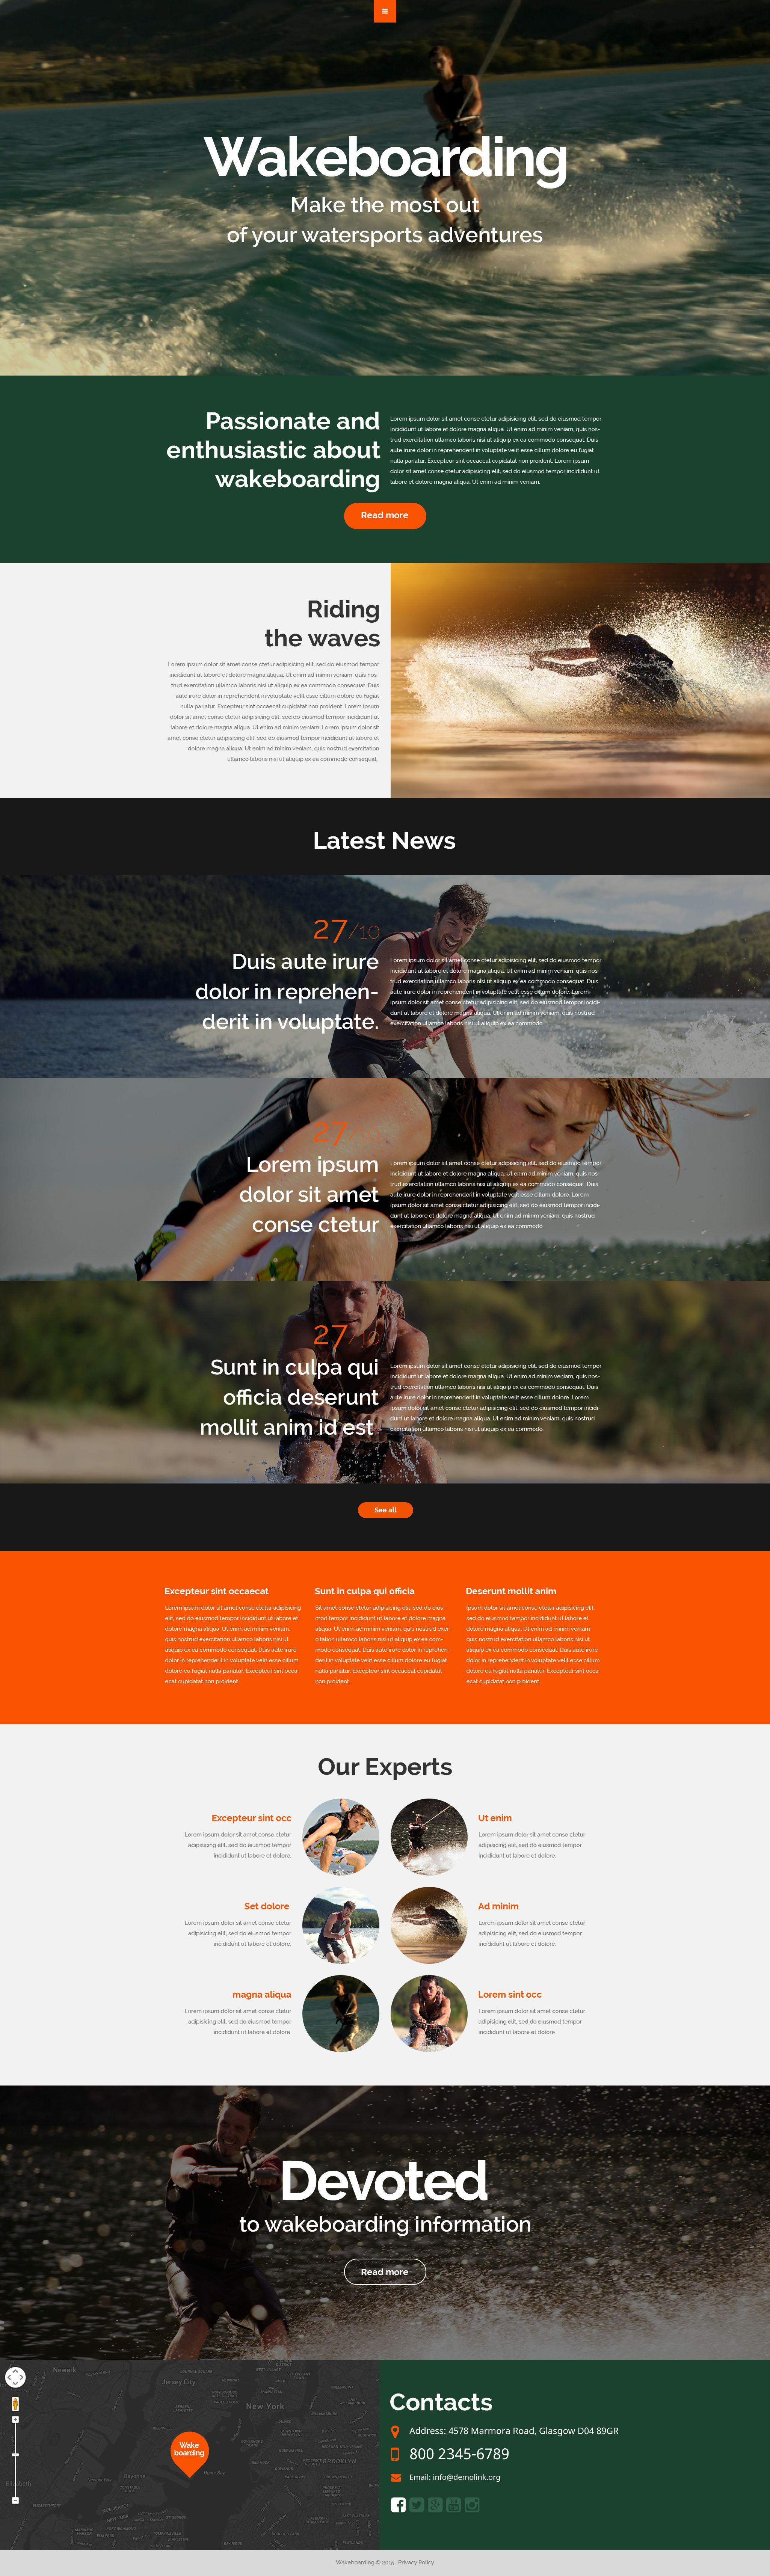 Plantilla Web Responsive para Sitio de Wakeboard #53318